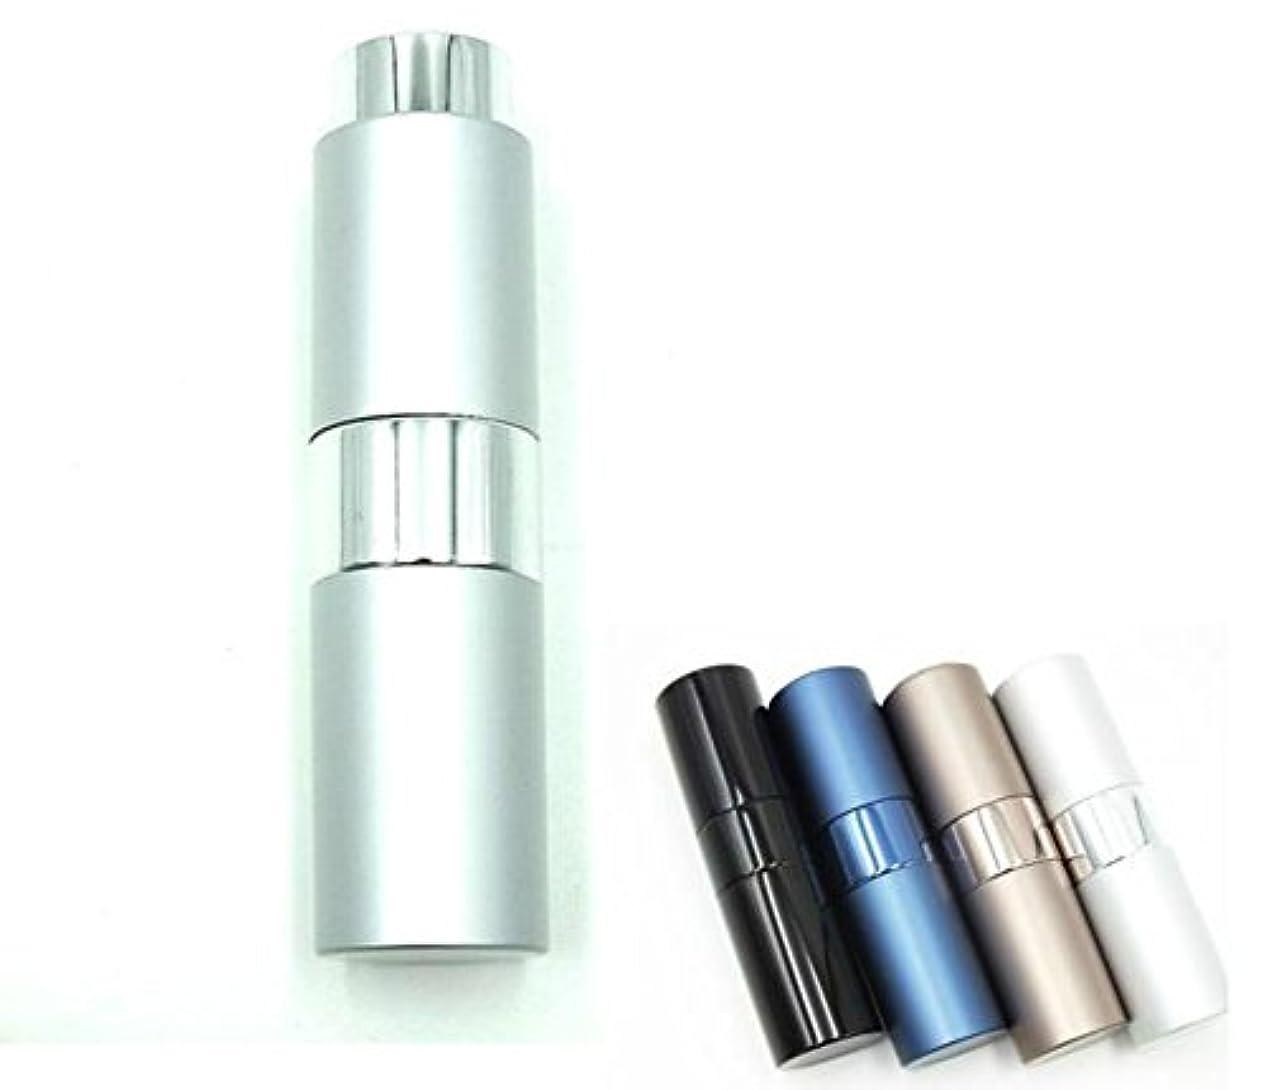 ましいそれによって高音ShopXJ 香水 メンズ アトマイザー 大人 男性 プッシュ式 詰め替え 持ち運び 身だしなみ 携帯用 15ml (シルバー)